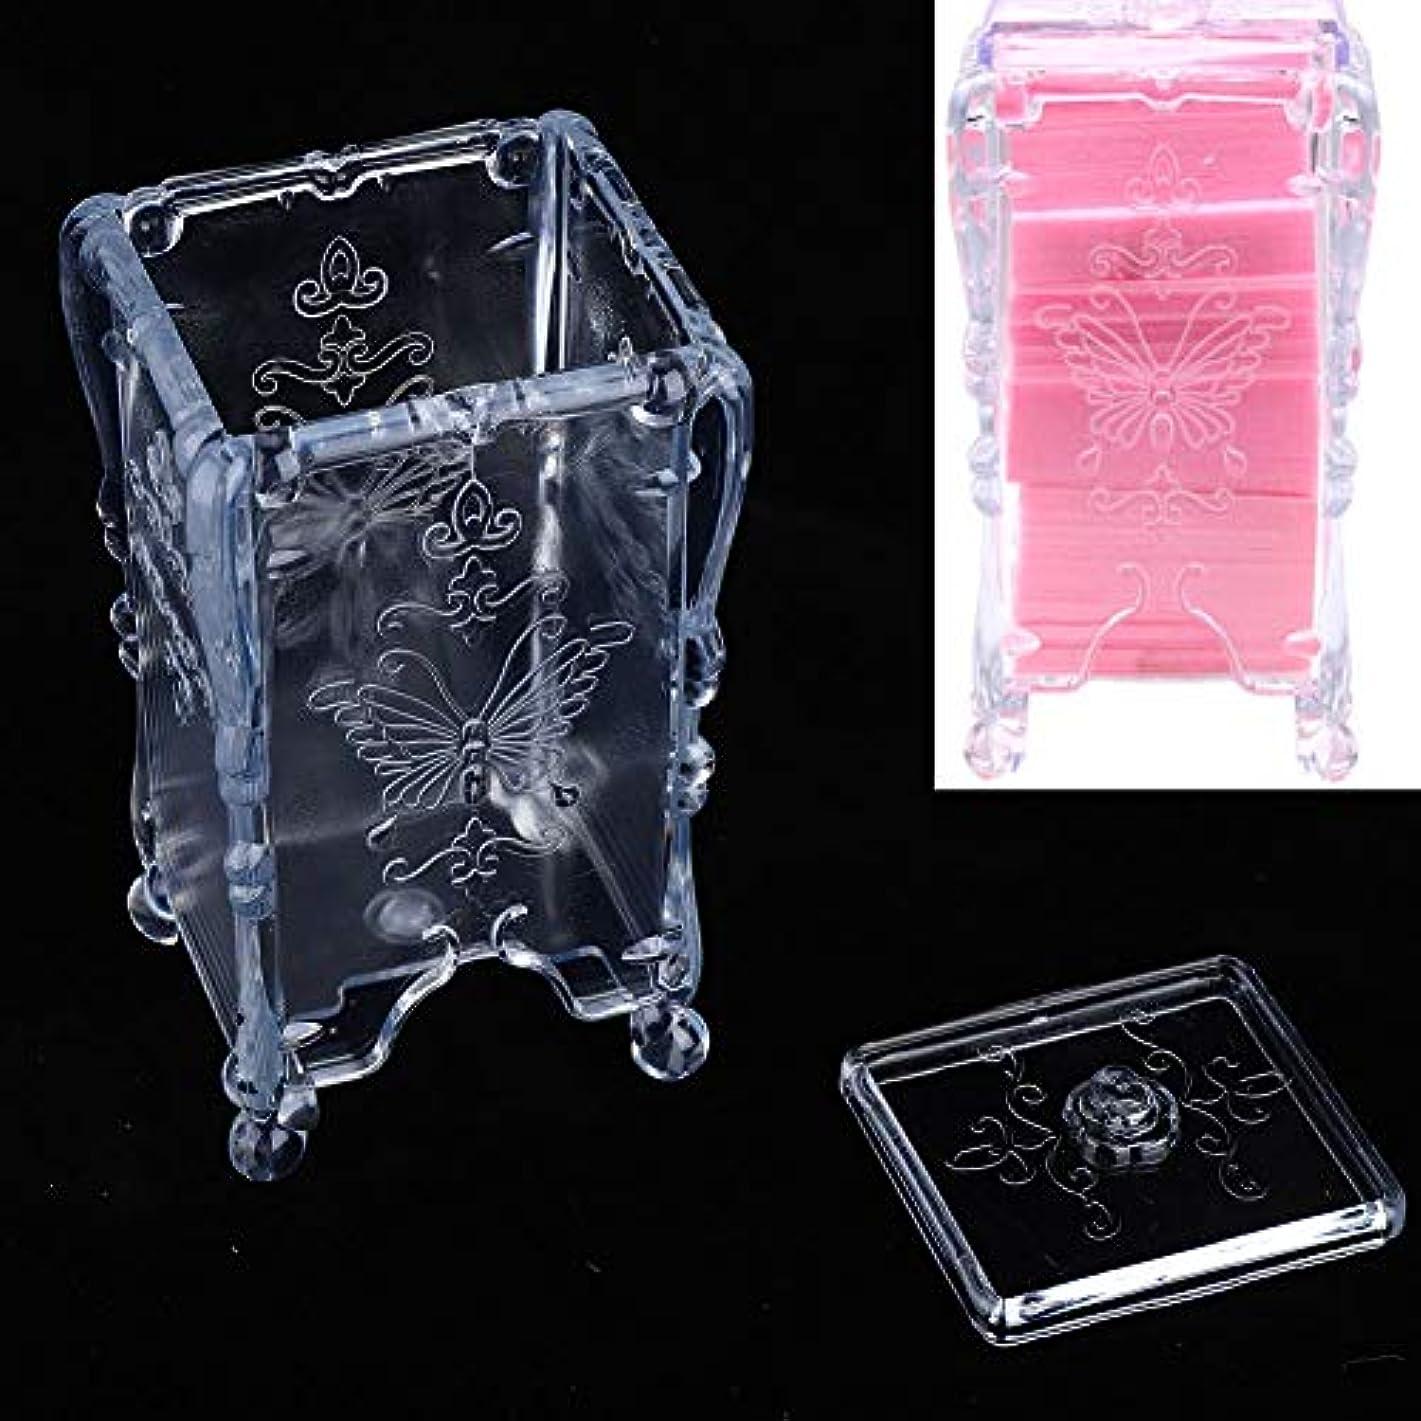 時ふける吹雪化粧綿収納ボックス 枕収納ボックス ネイルスワブリムーバー、化粧品オーガナイザー(透明)